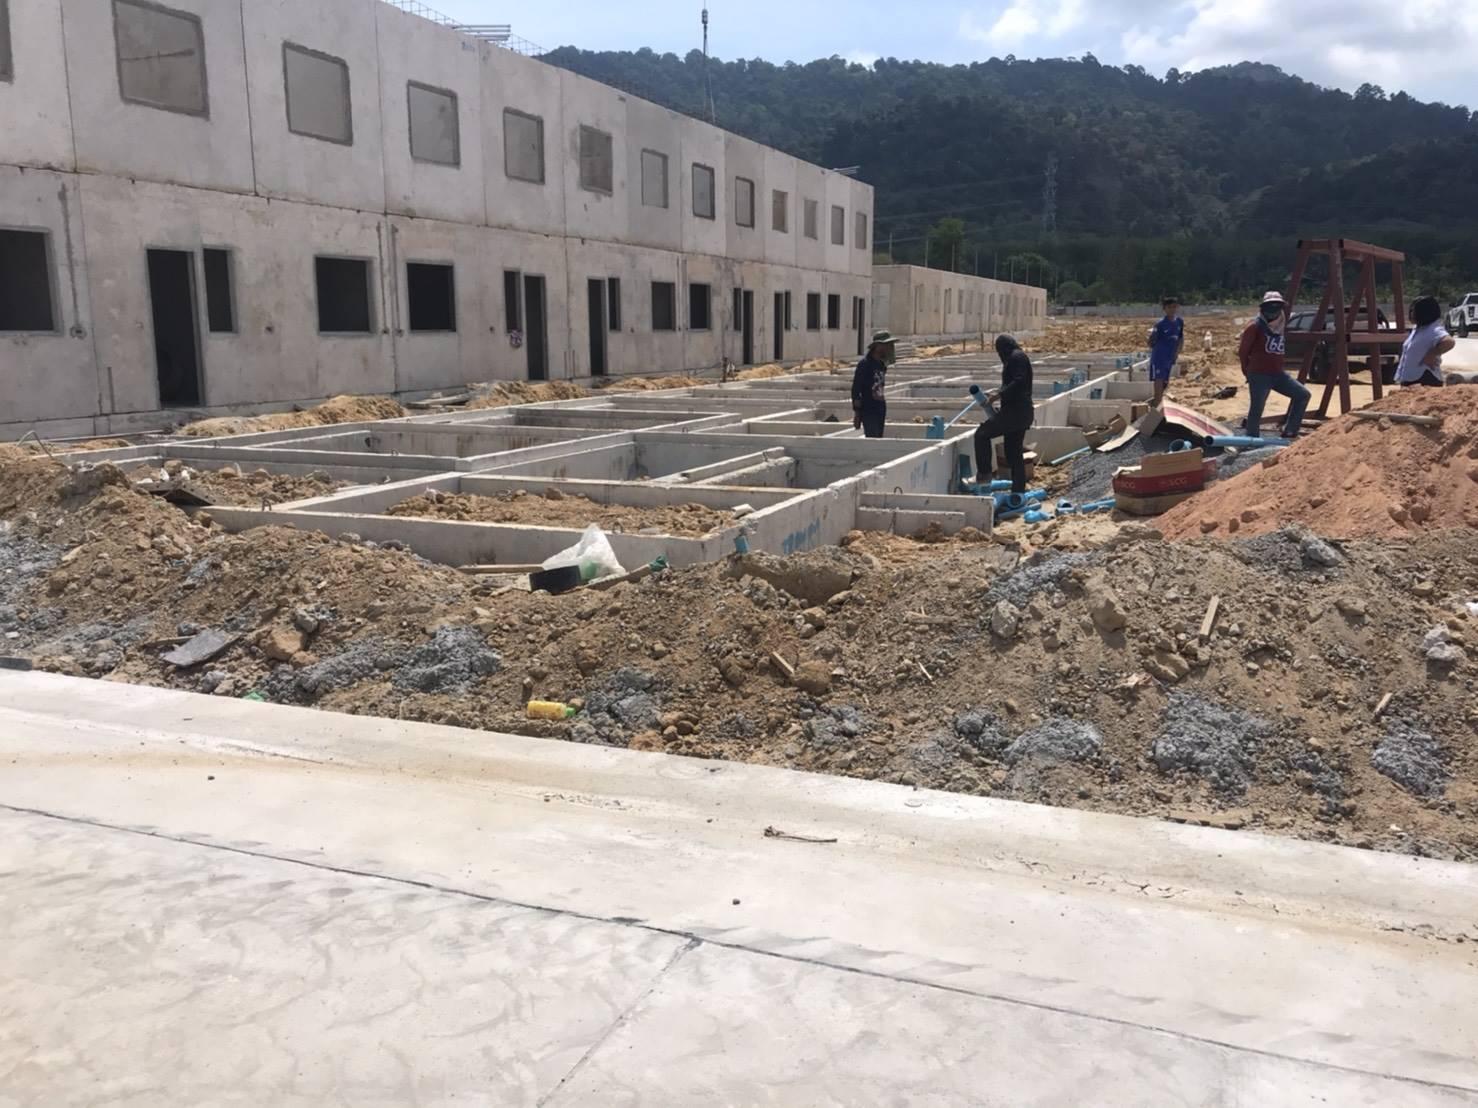 กานดาฯเตรียมแผนรับมือโควิด19 ปรับลดขนาดโครงการราคาขายถูกลง   Prop2Morrow บ้าน คอนโด ข่าวอสังหาฯ